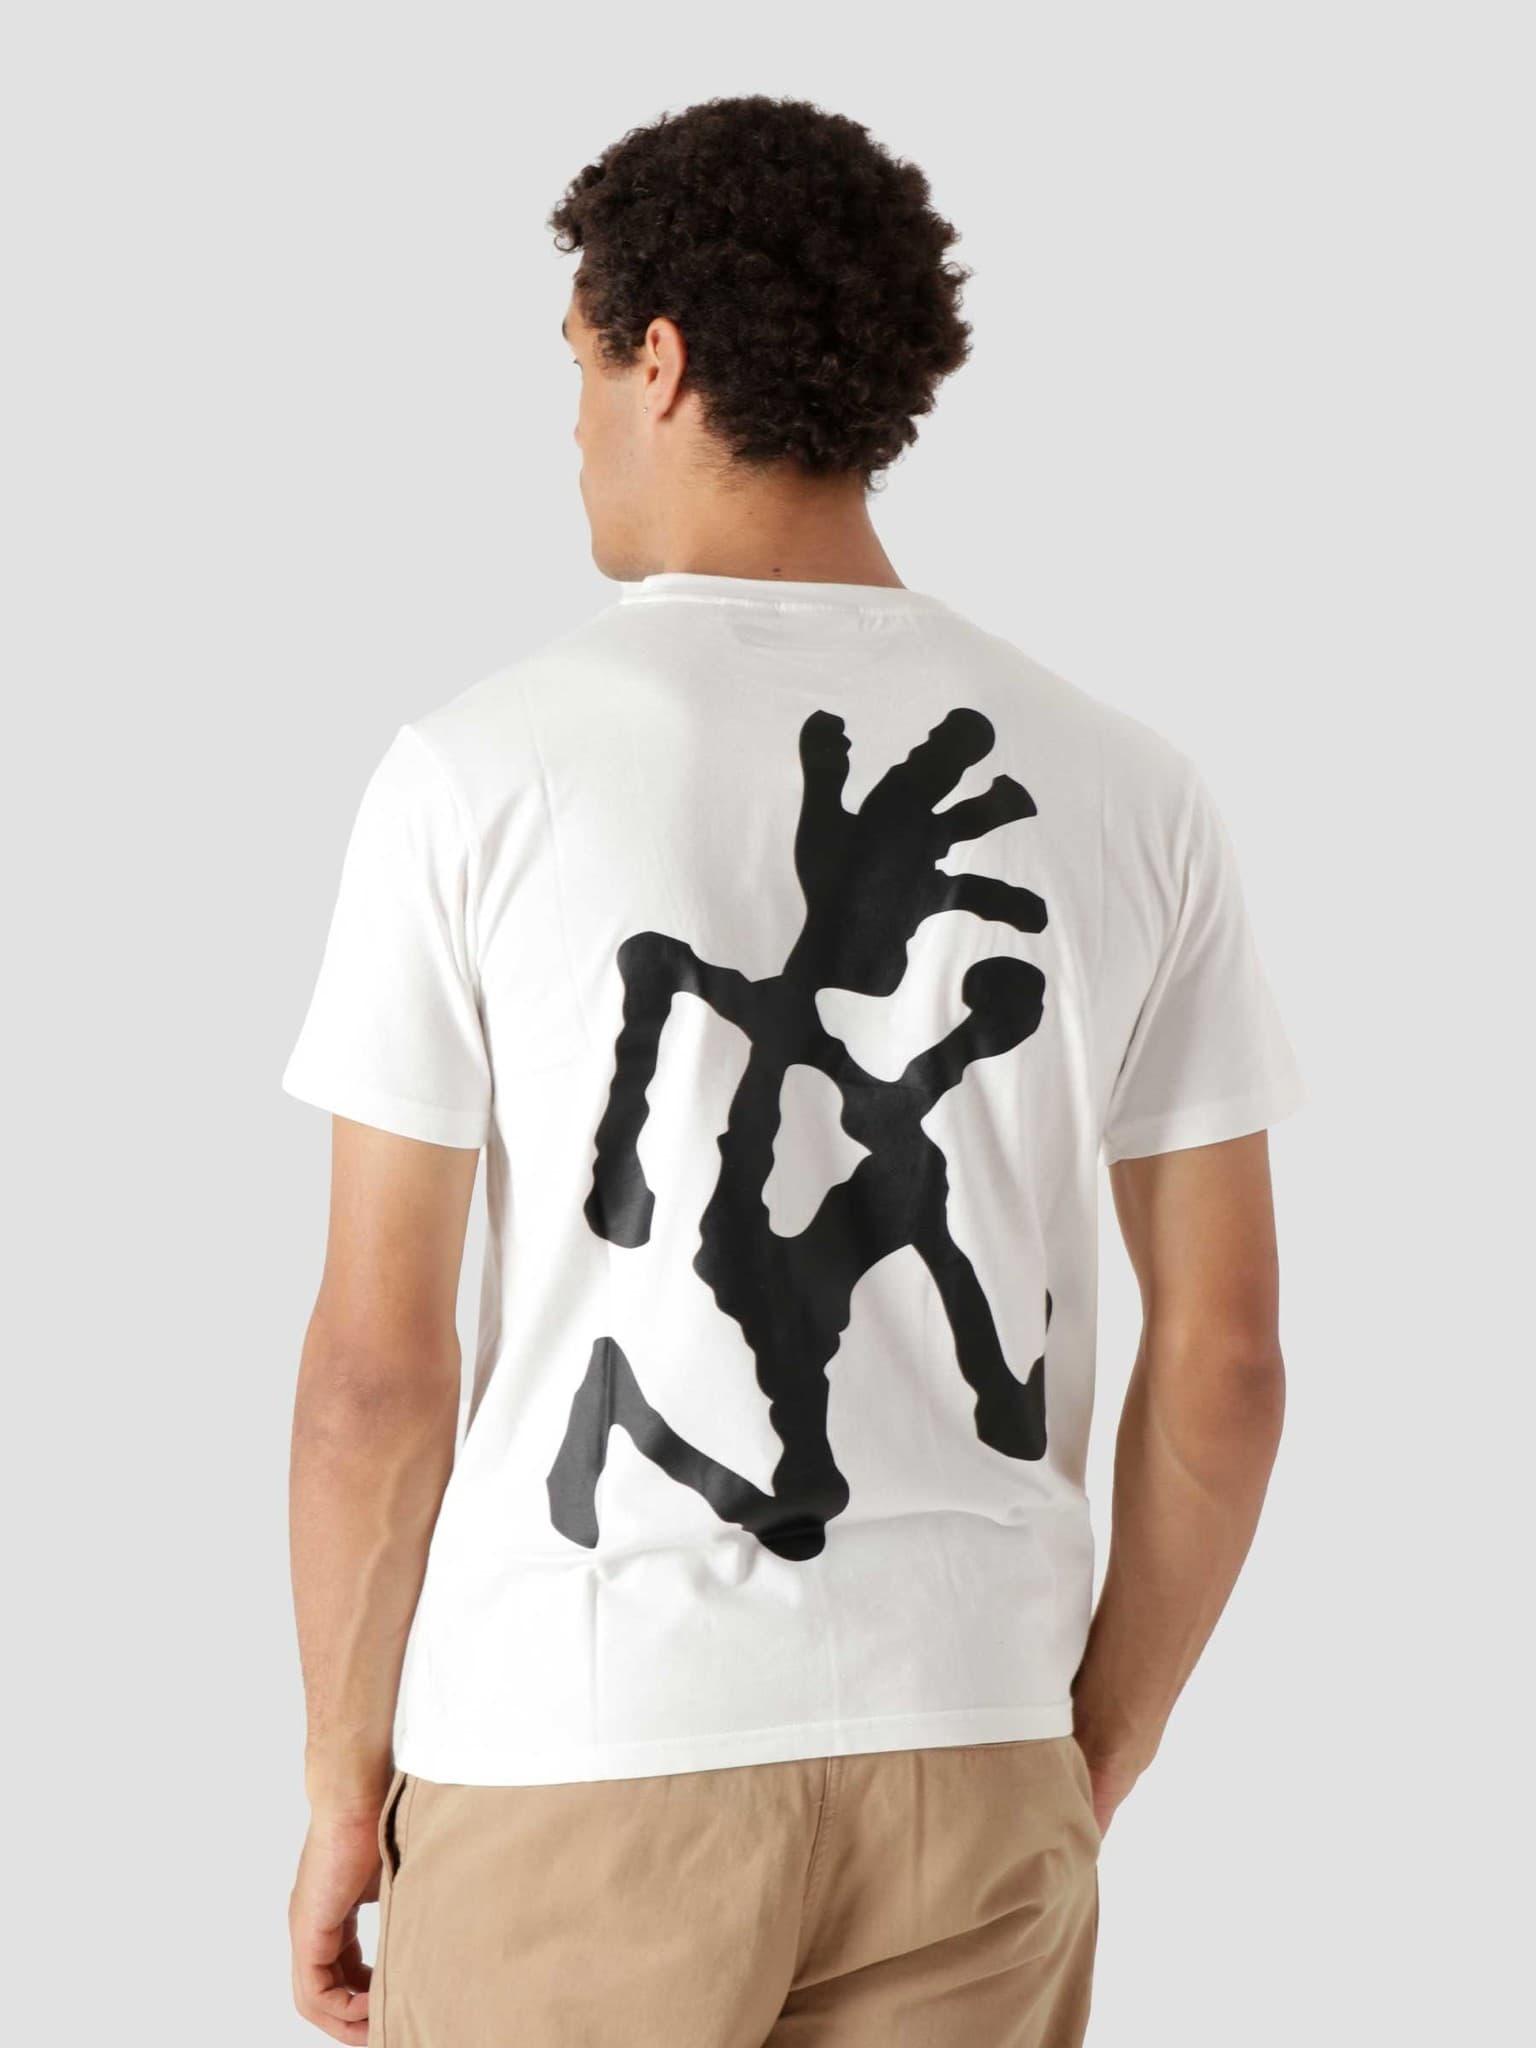 Big Runningman T-Shirt White 2013-STS